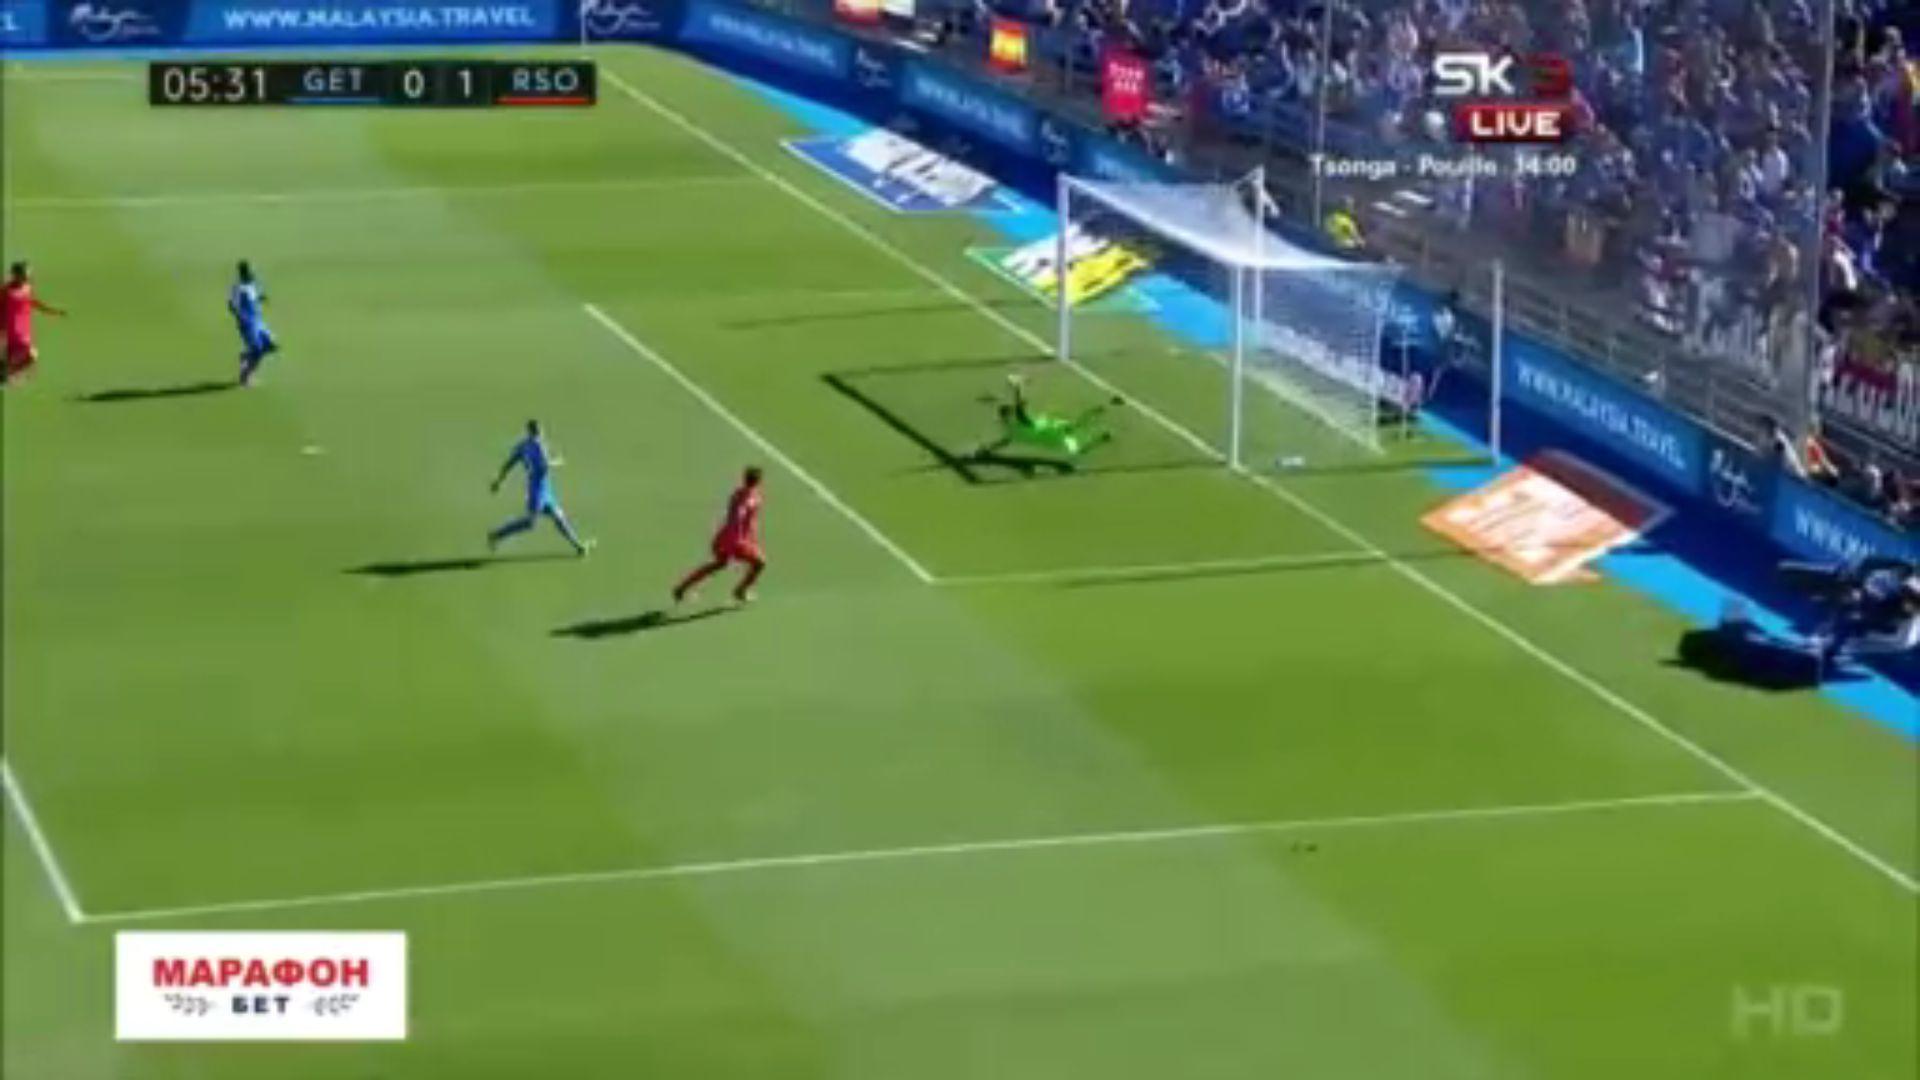 29-10-2017 - Getafe 2-1 Real Sociedad